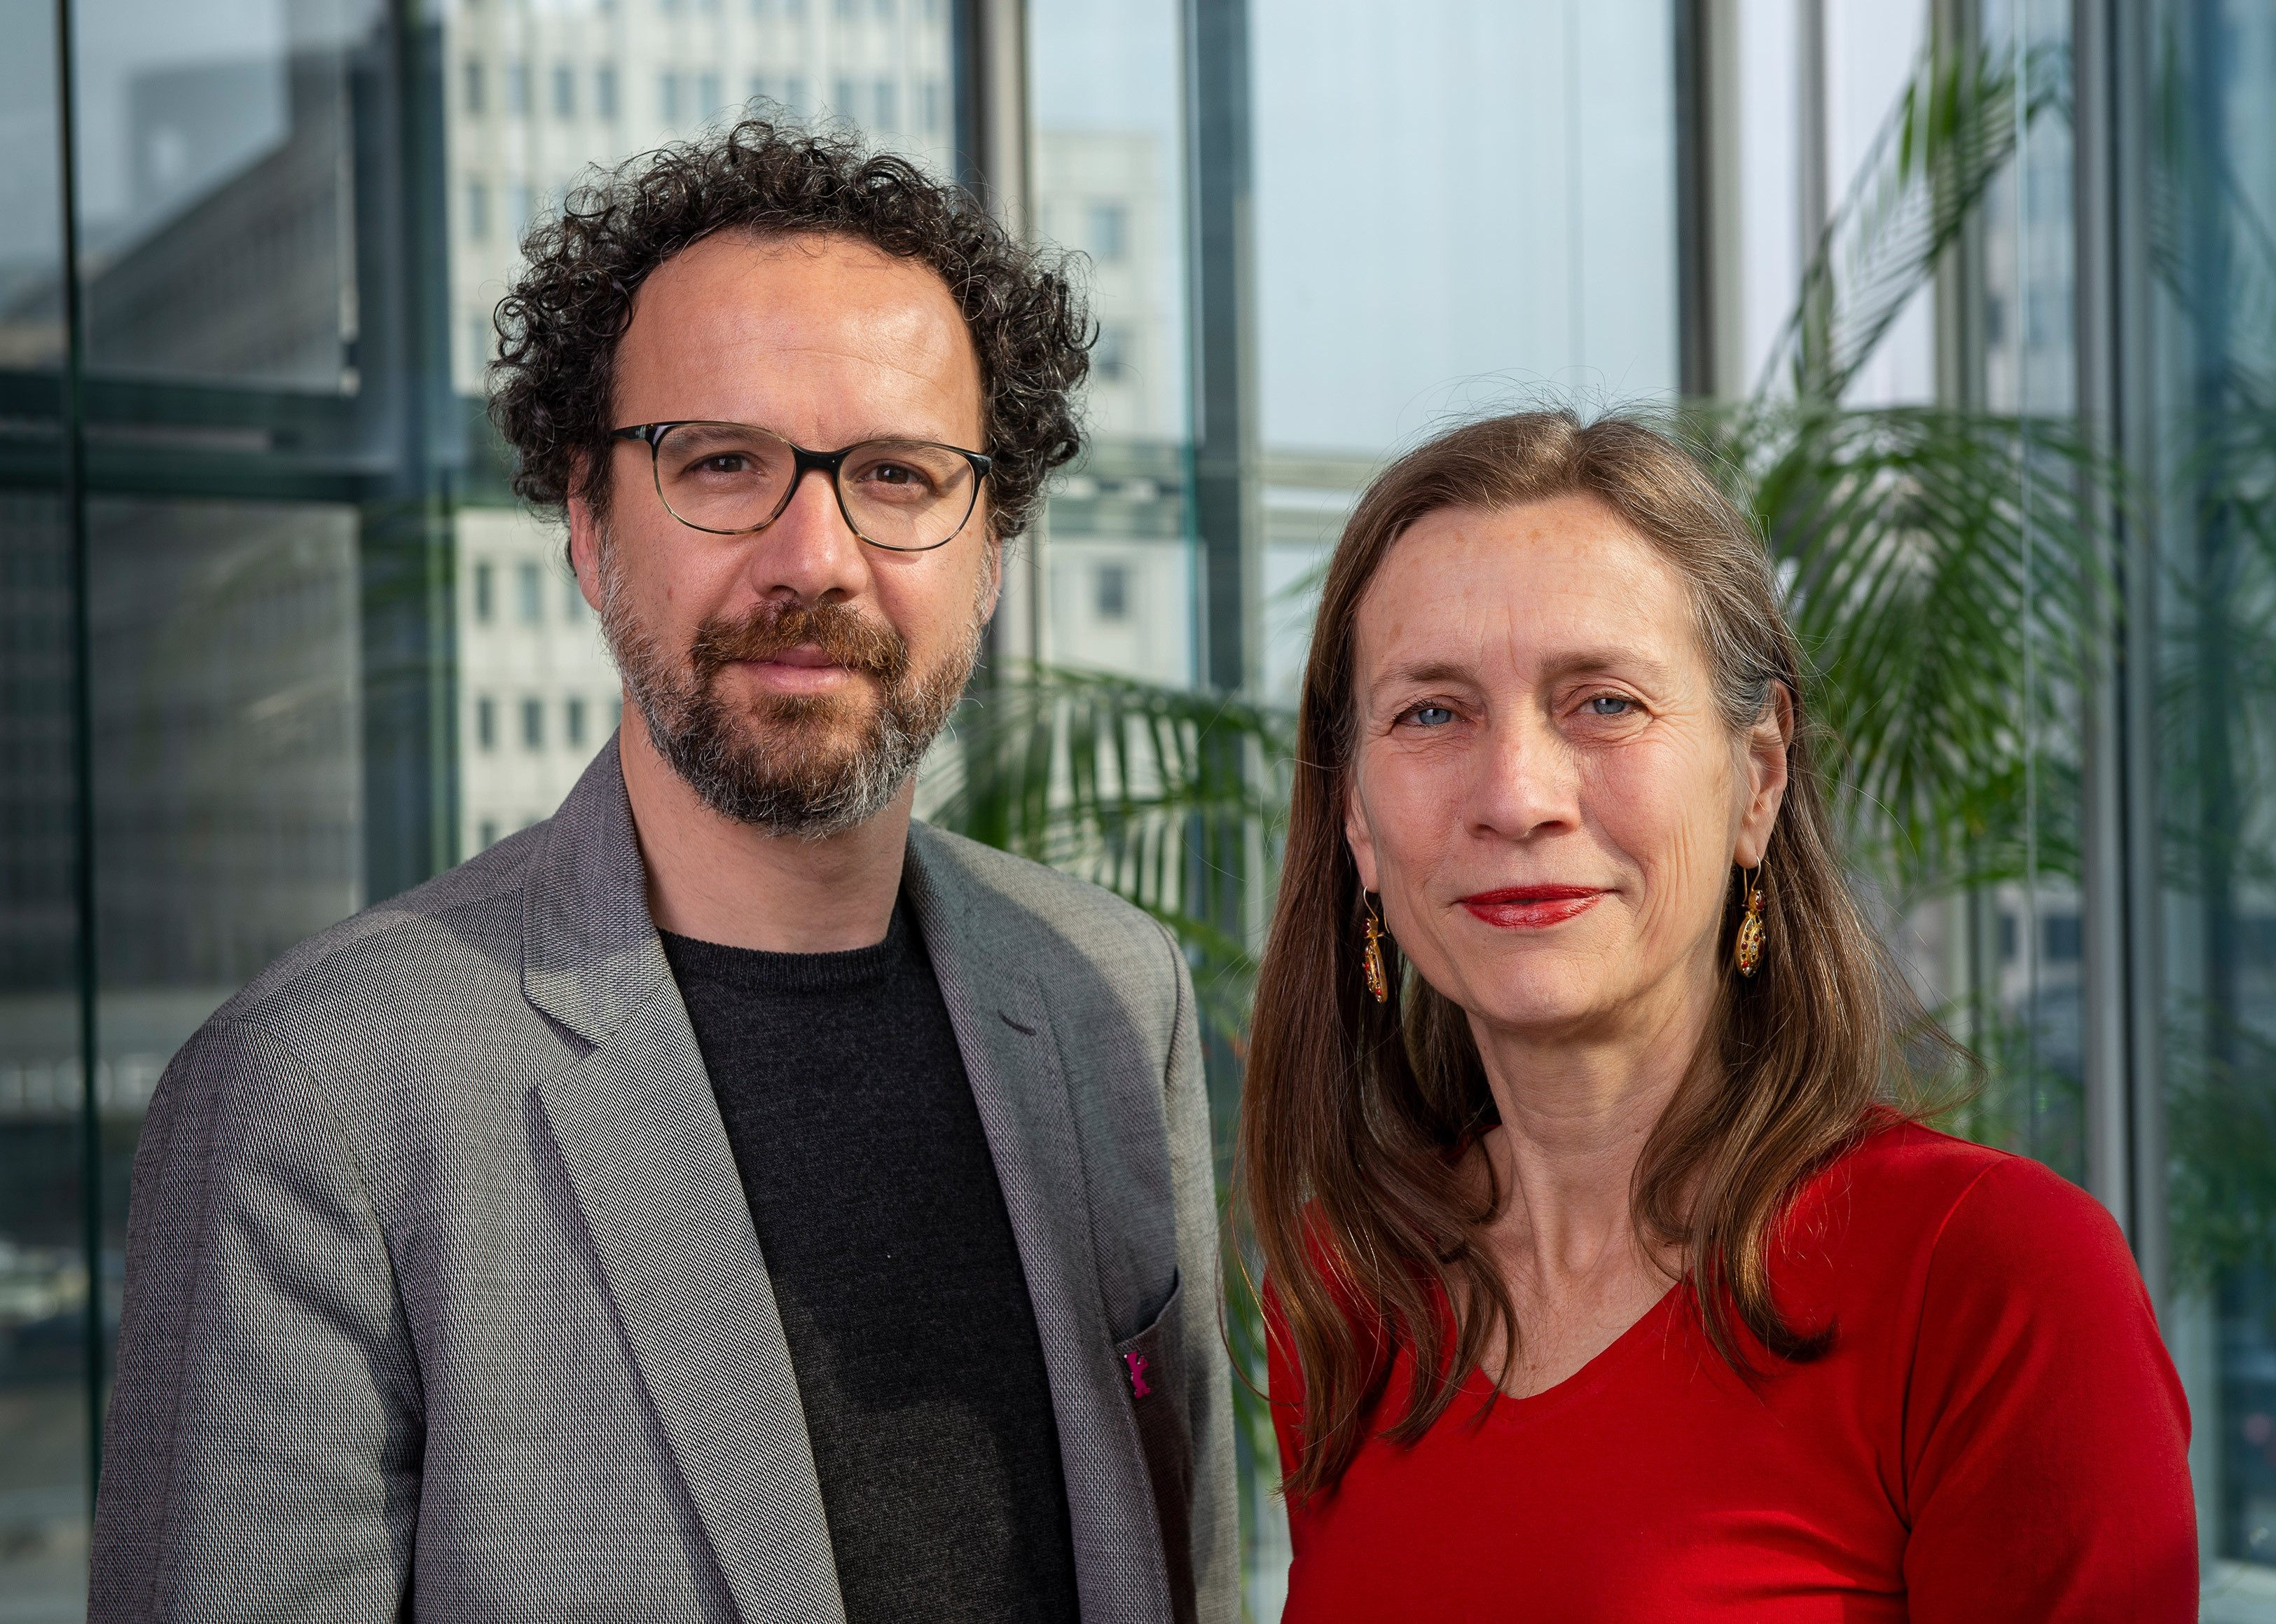 Fotografía de Carlo Chatrian y  Mariette Rissenbeek, directores del festival.